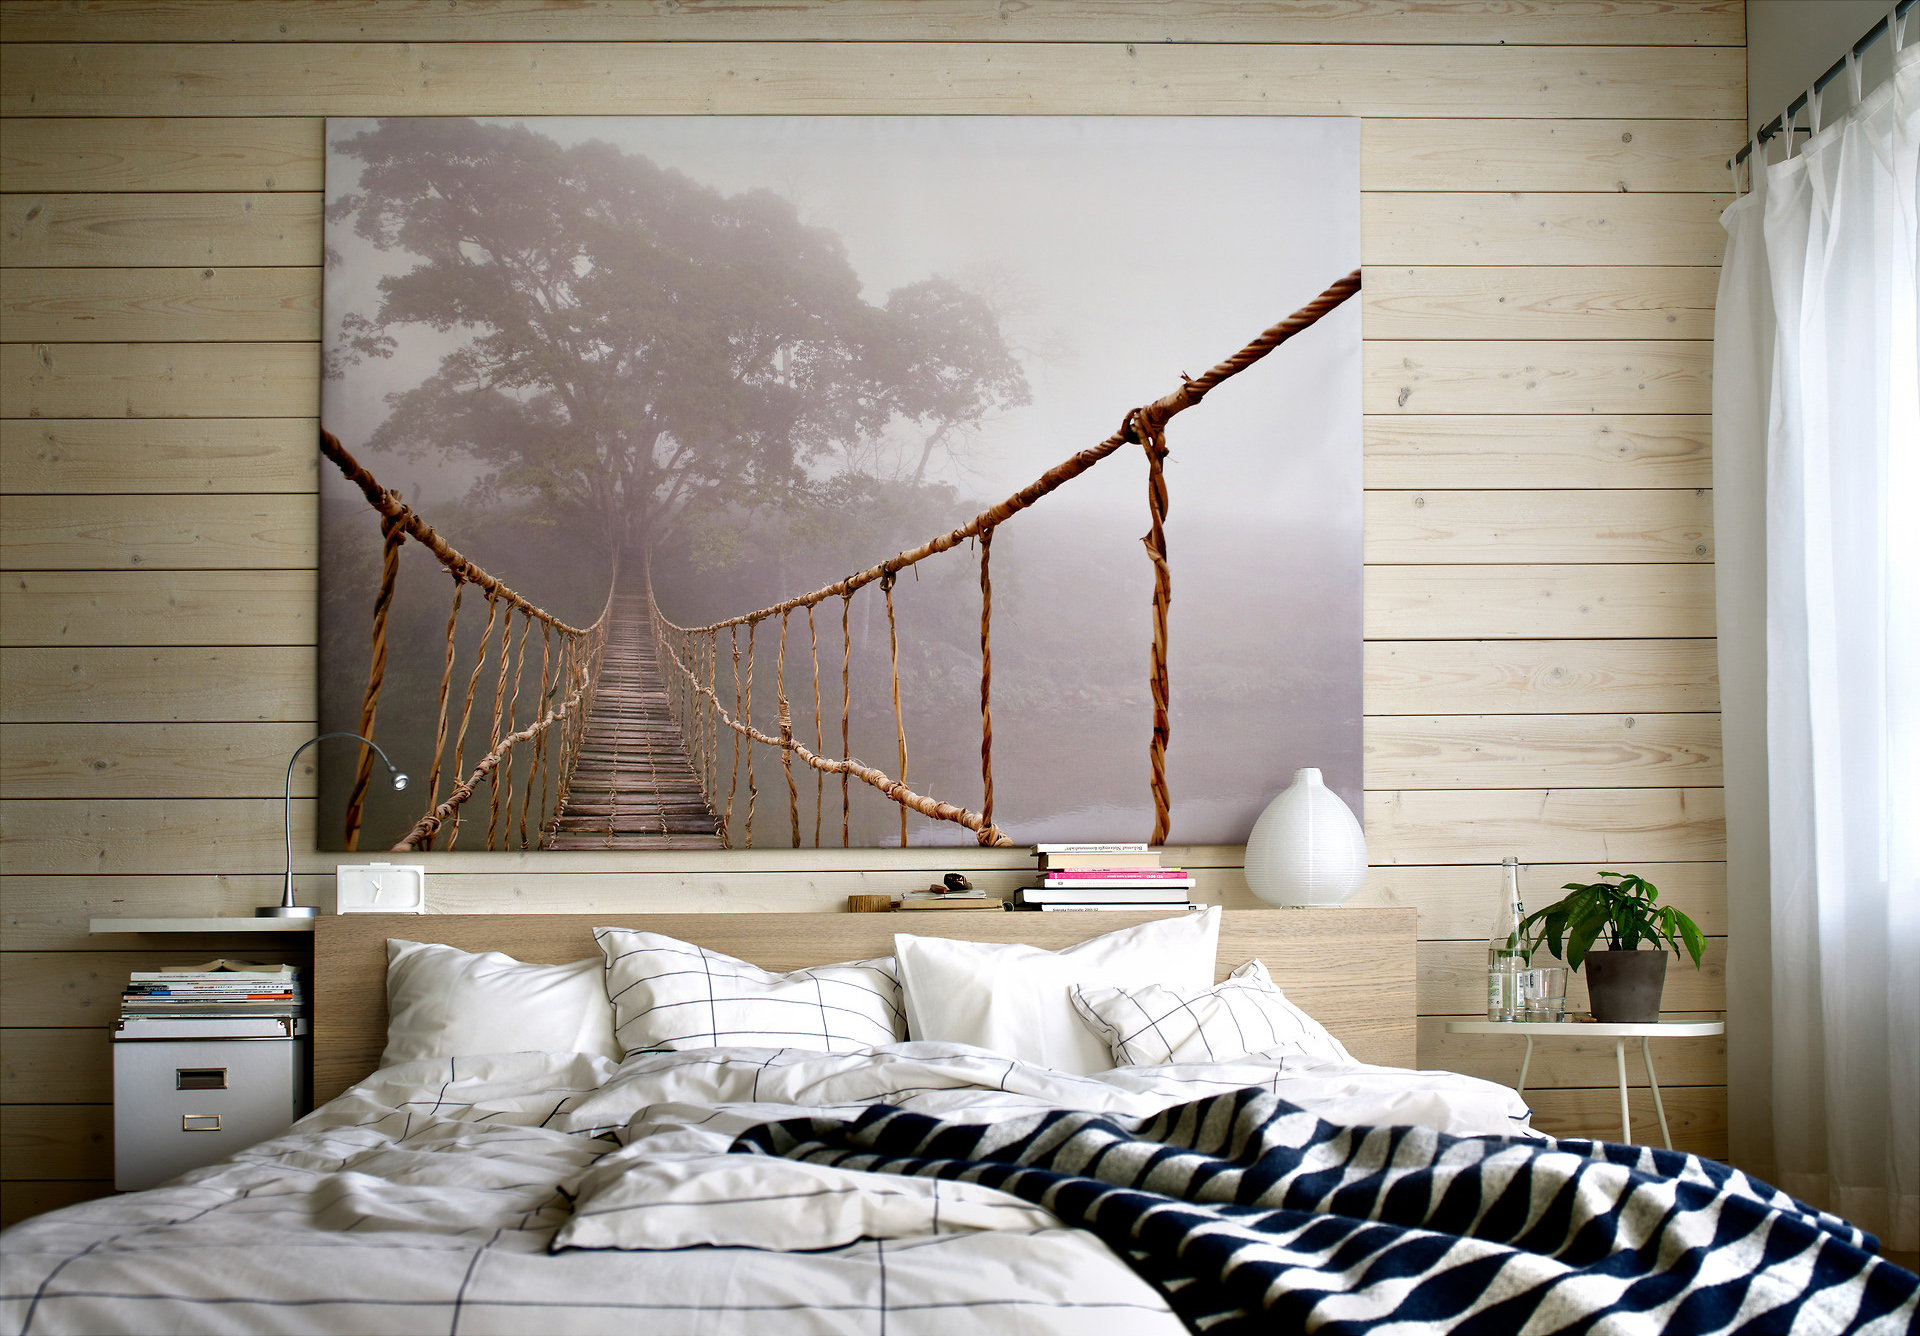 Картина с изображением веревочной тропы в спальне